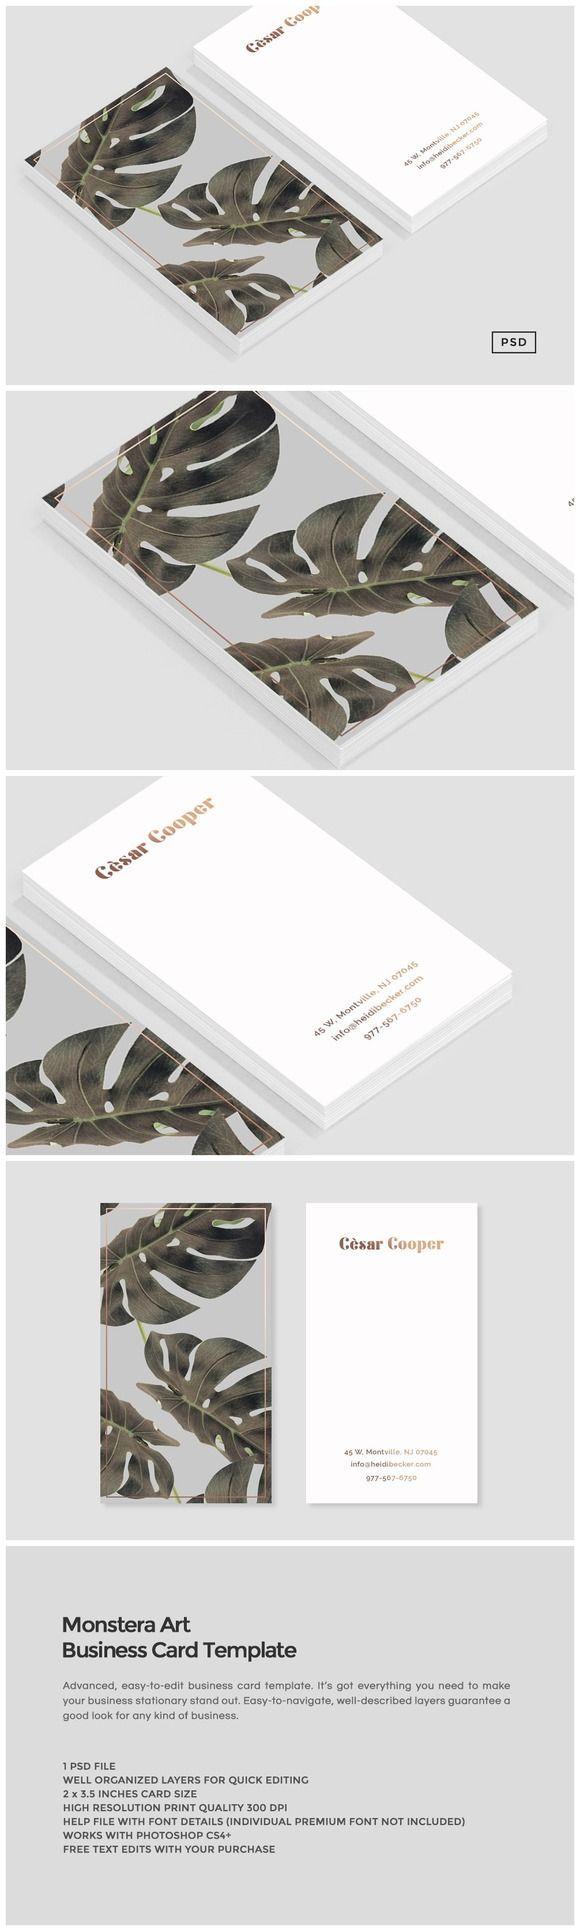 Template de carte de viiste à acheter et personnaliser. Une face photo, et une face avec vos coordonnées - Minimaliste et élégant. Monstera Art Business Card Template by Design Co. on Creative Market